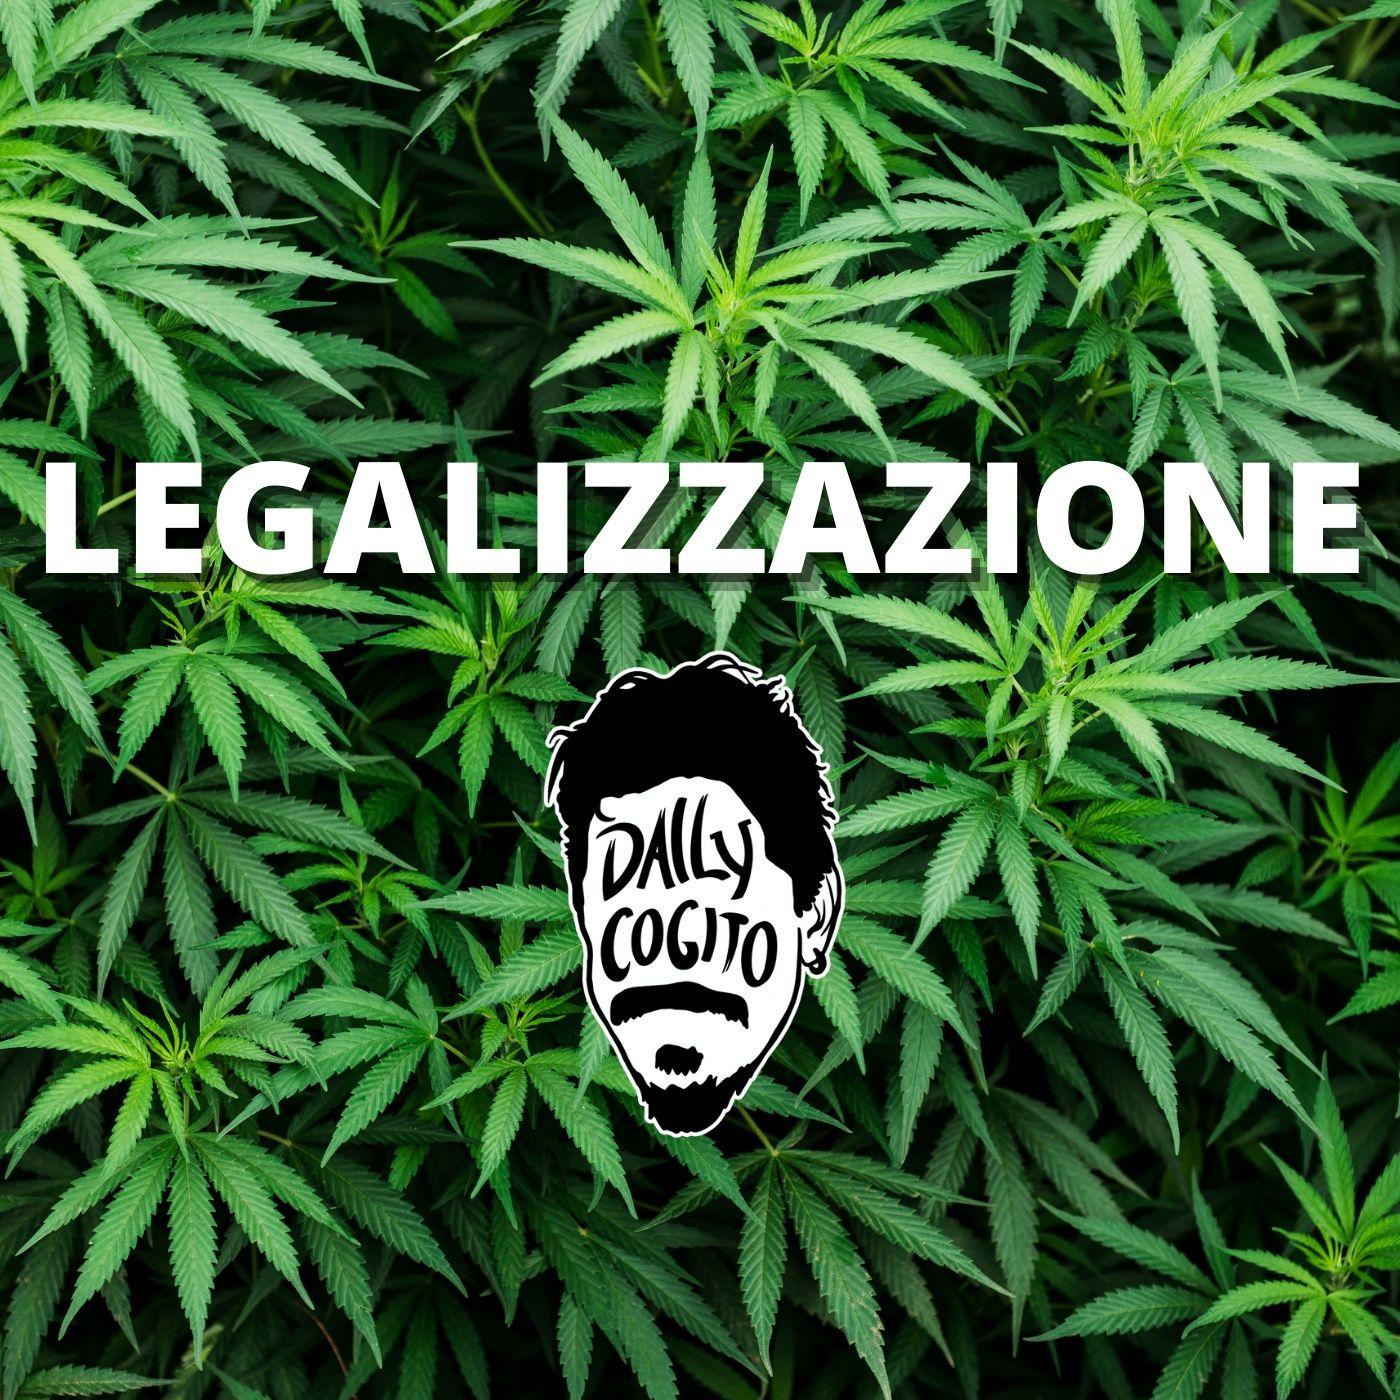 Tutte le Ragioni della Legalizzazione - #referendumcannabis